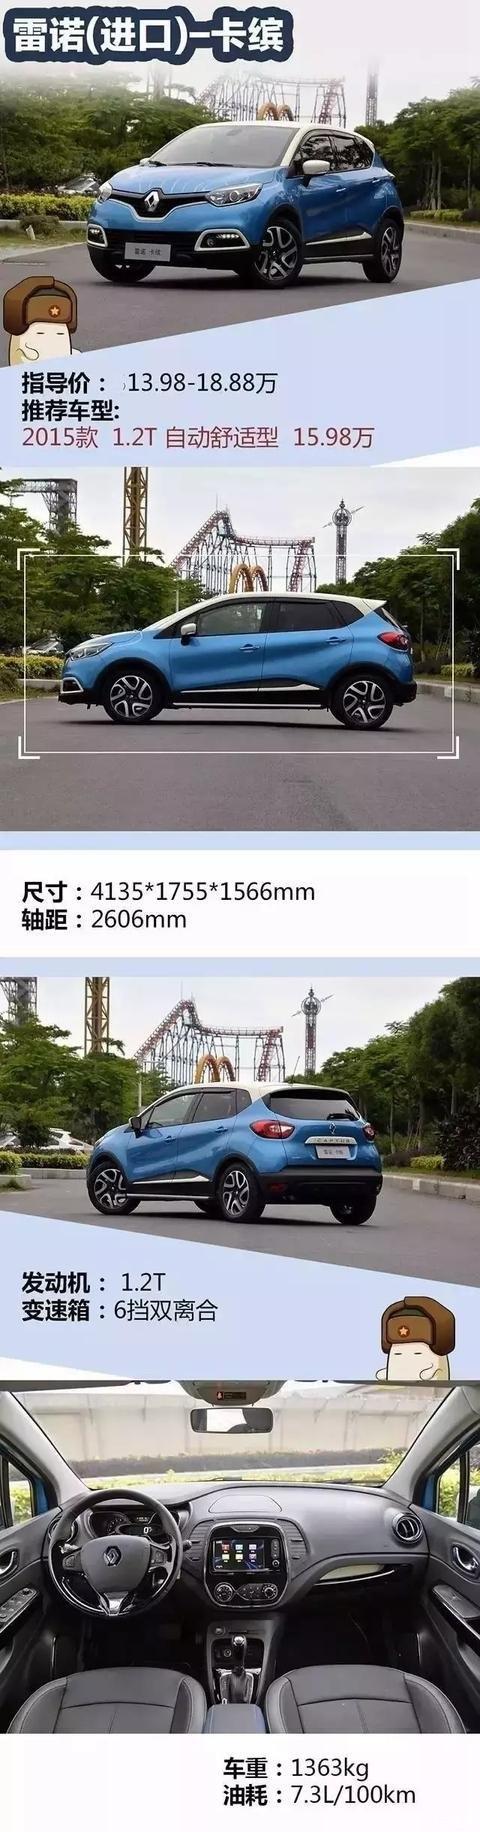 620x0_1_autohomecar__wKgH2FkBxWOAfrTQAAaG0ESESwU569.jpg